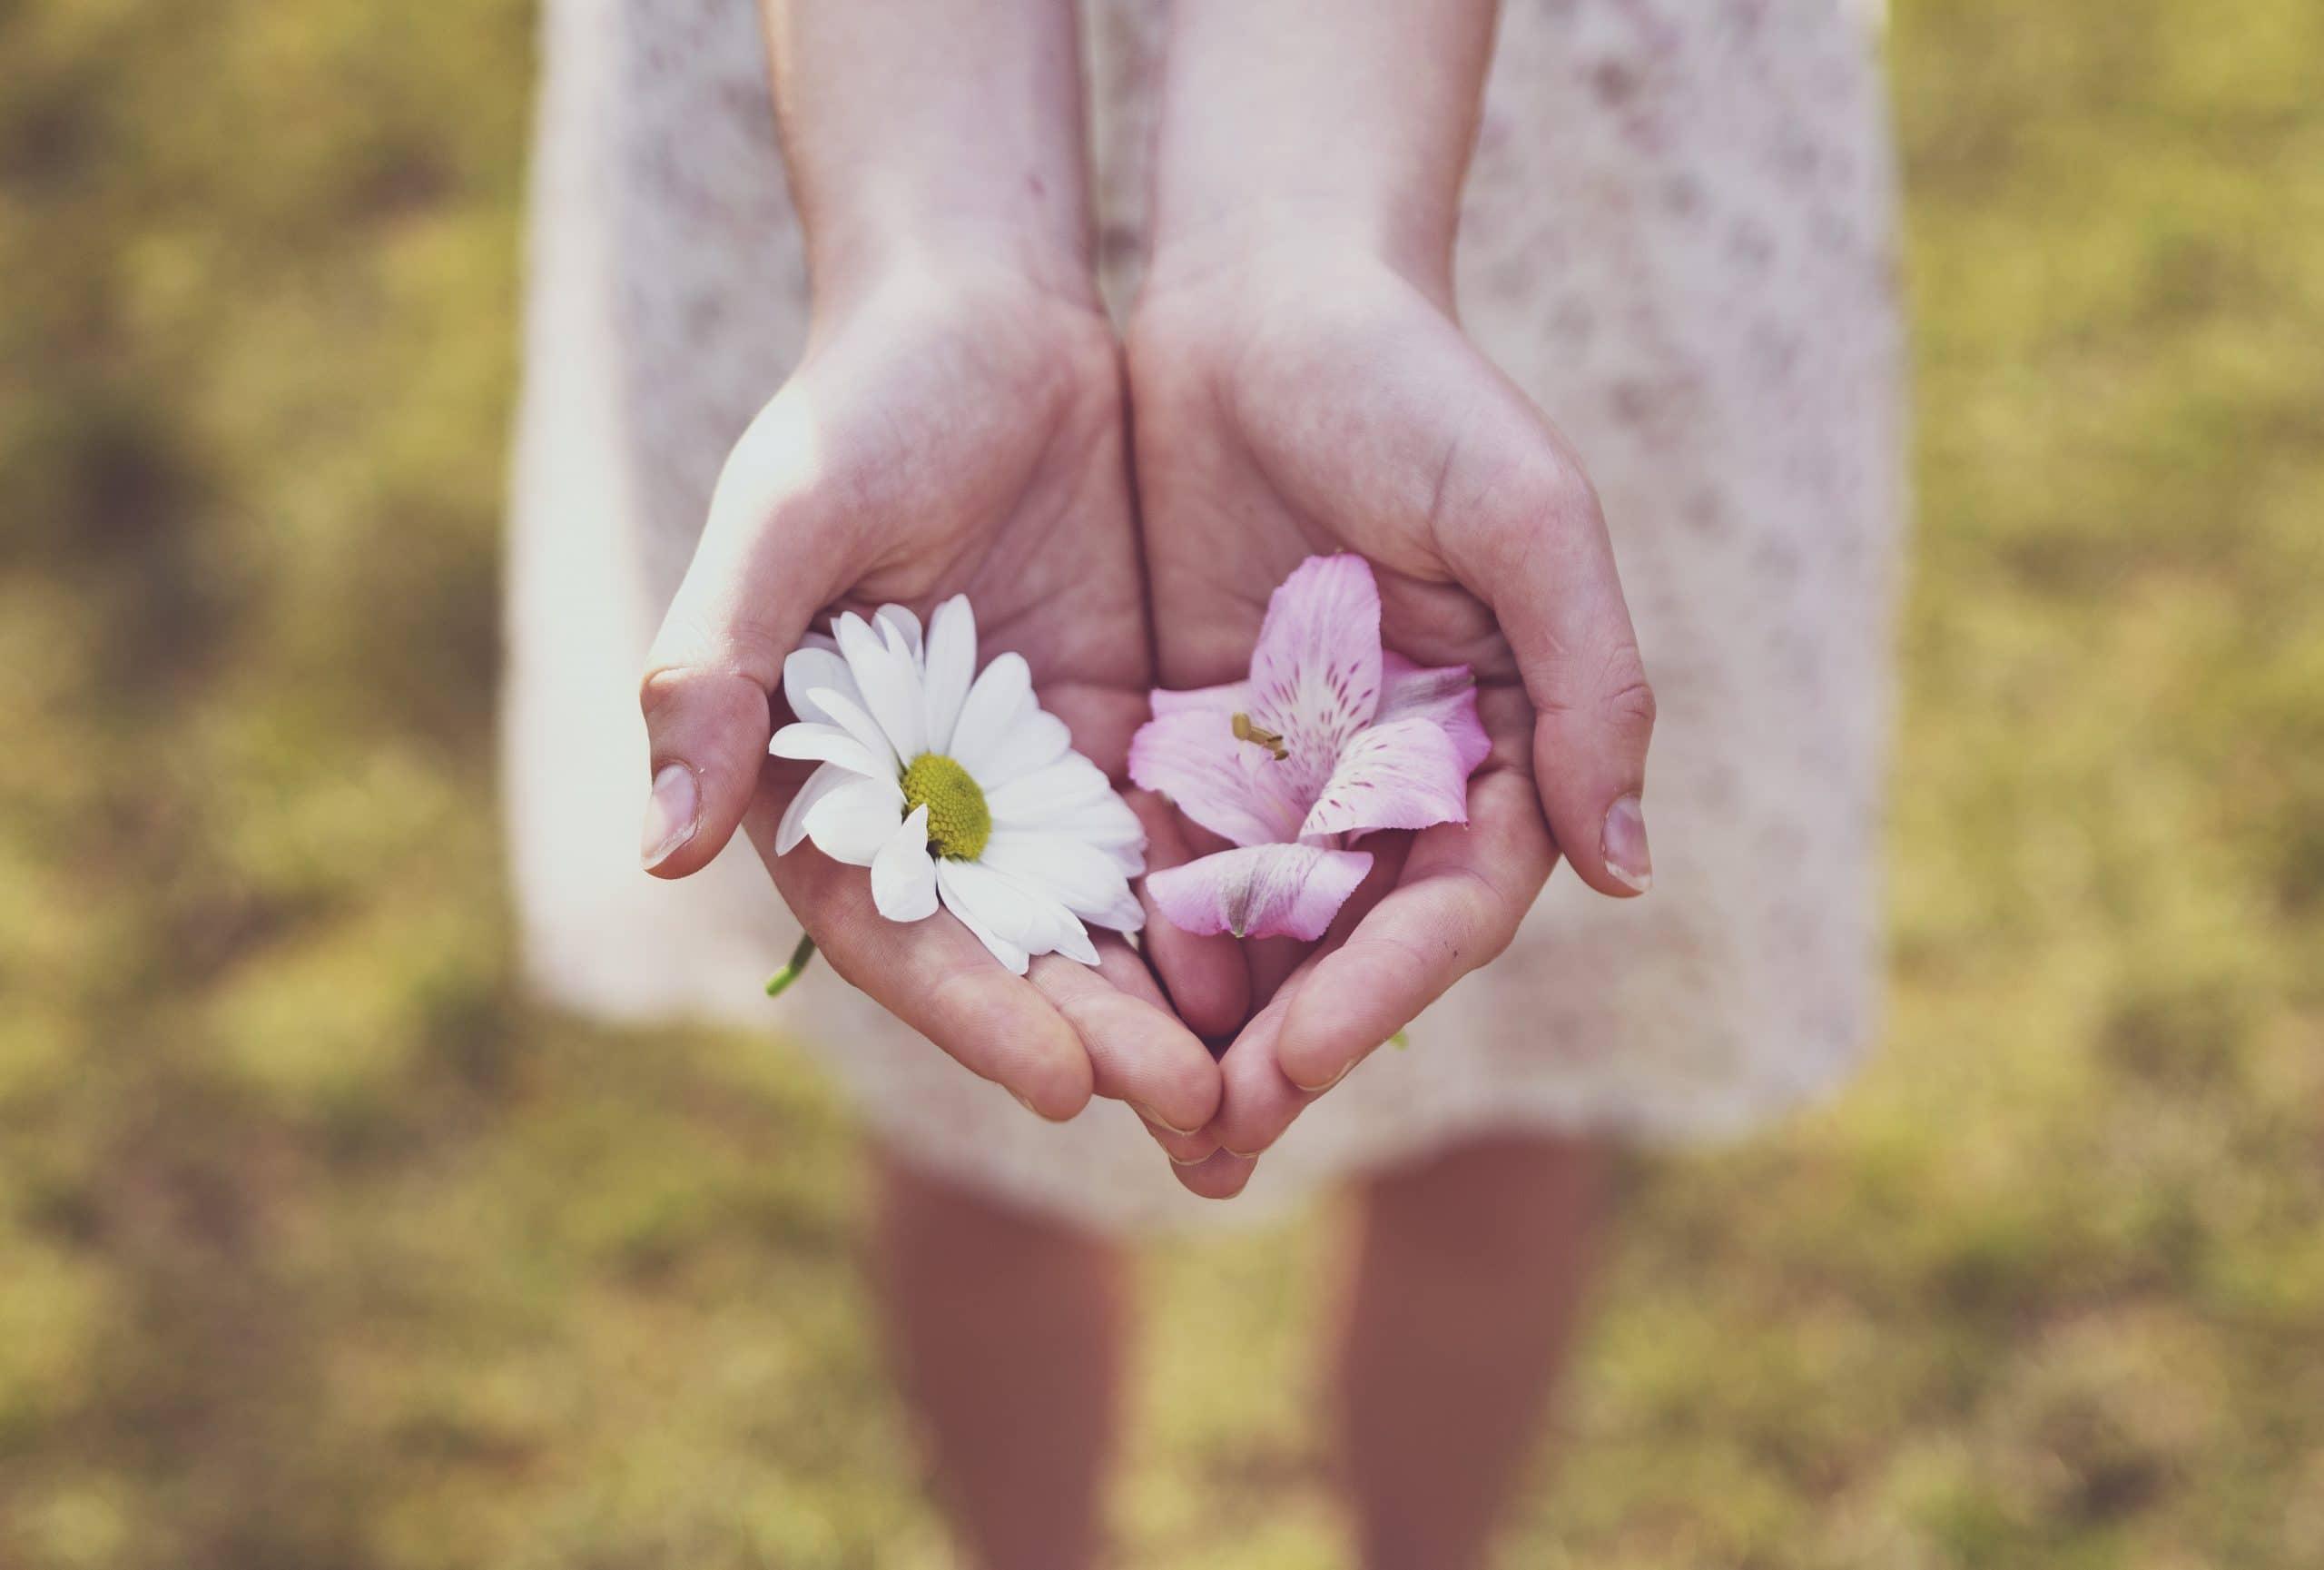 Mãos femininas segurando duas flores.